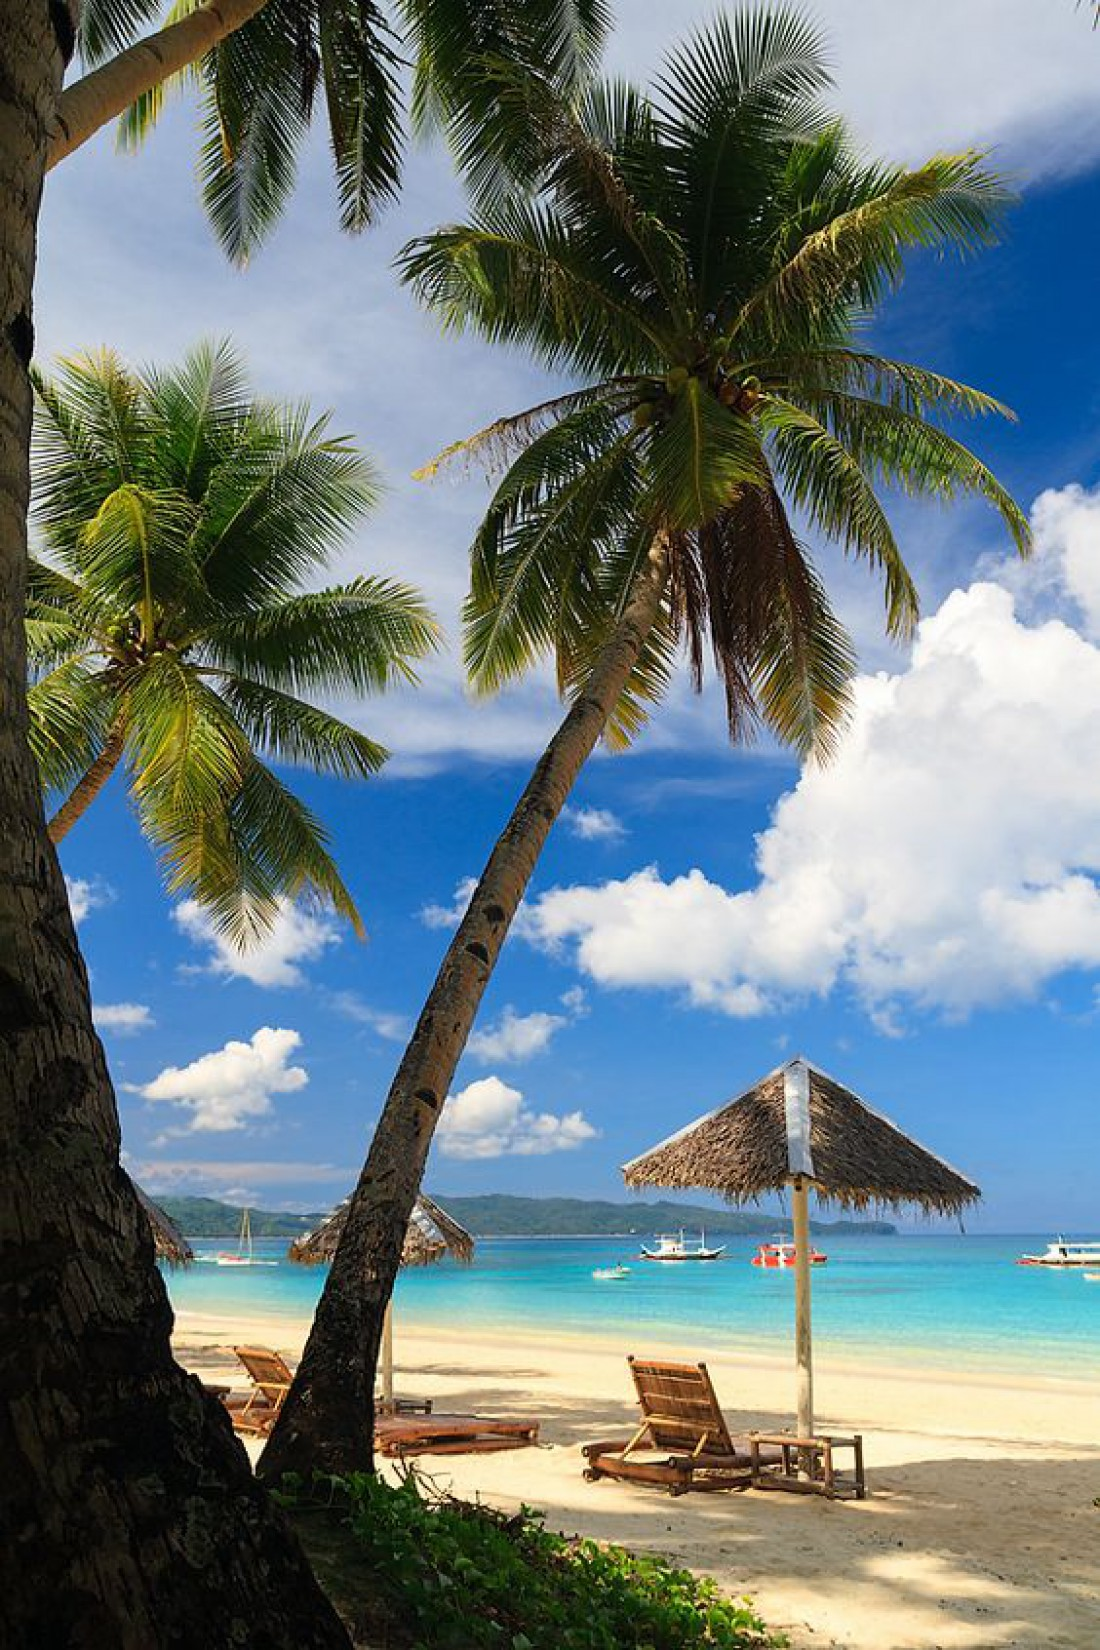 Остров Боракай - один из красивейших островов мира